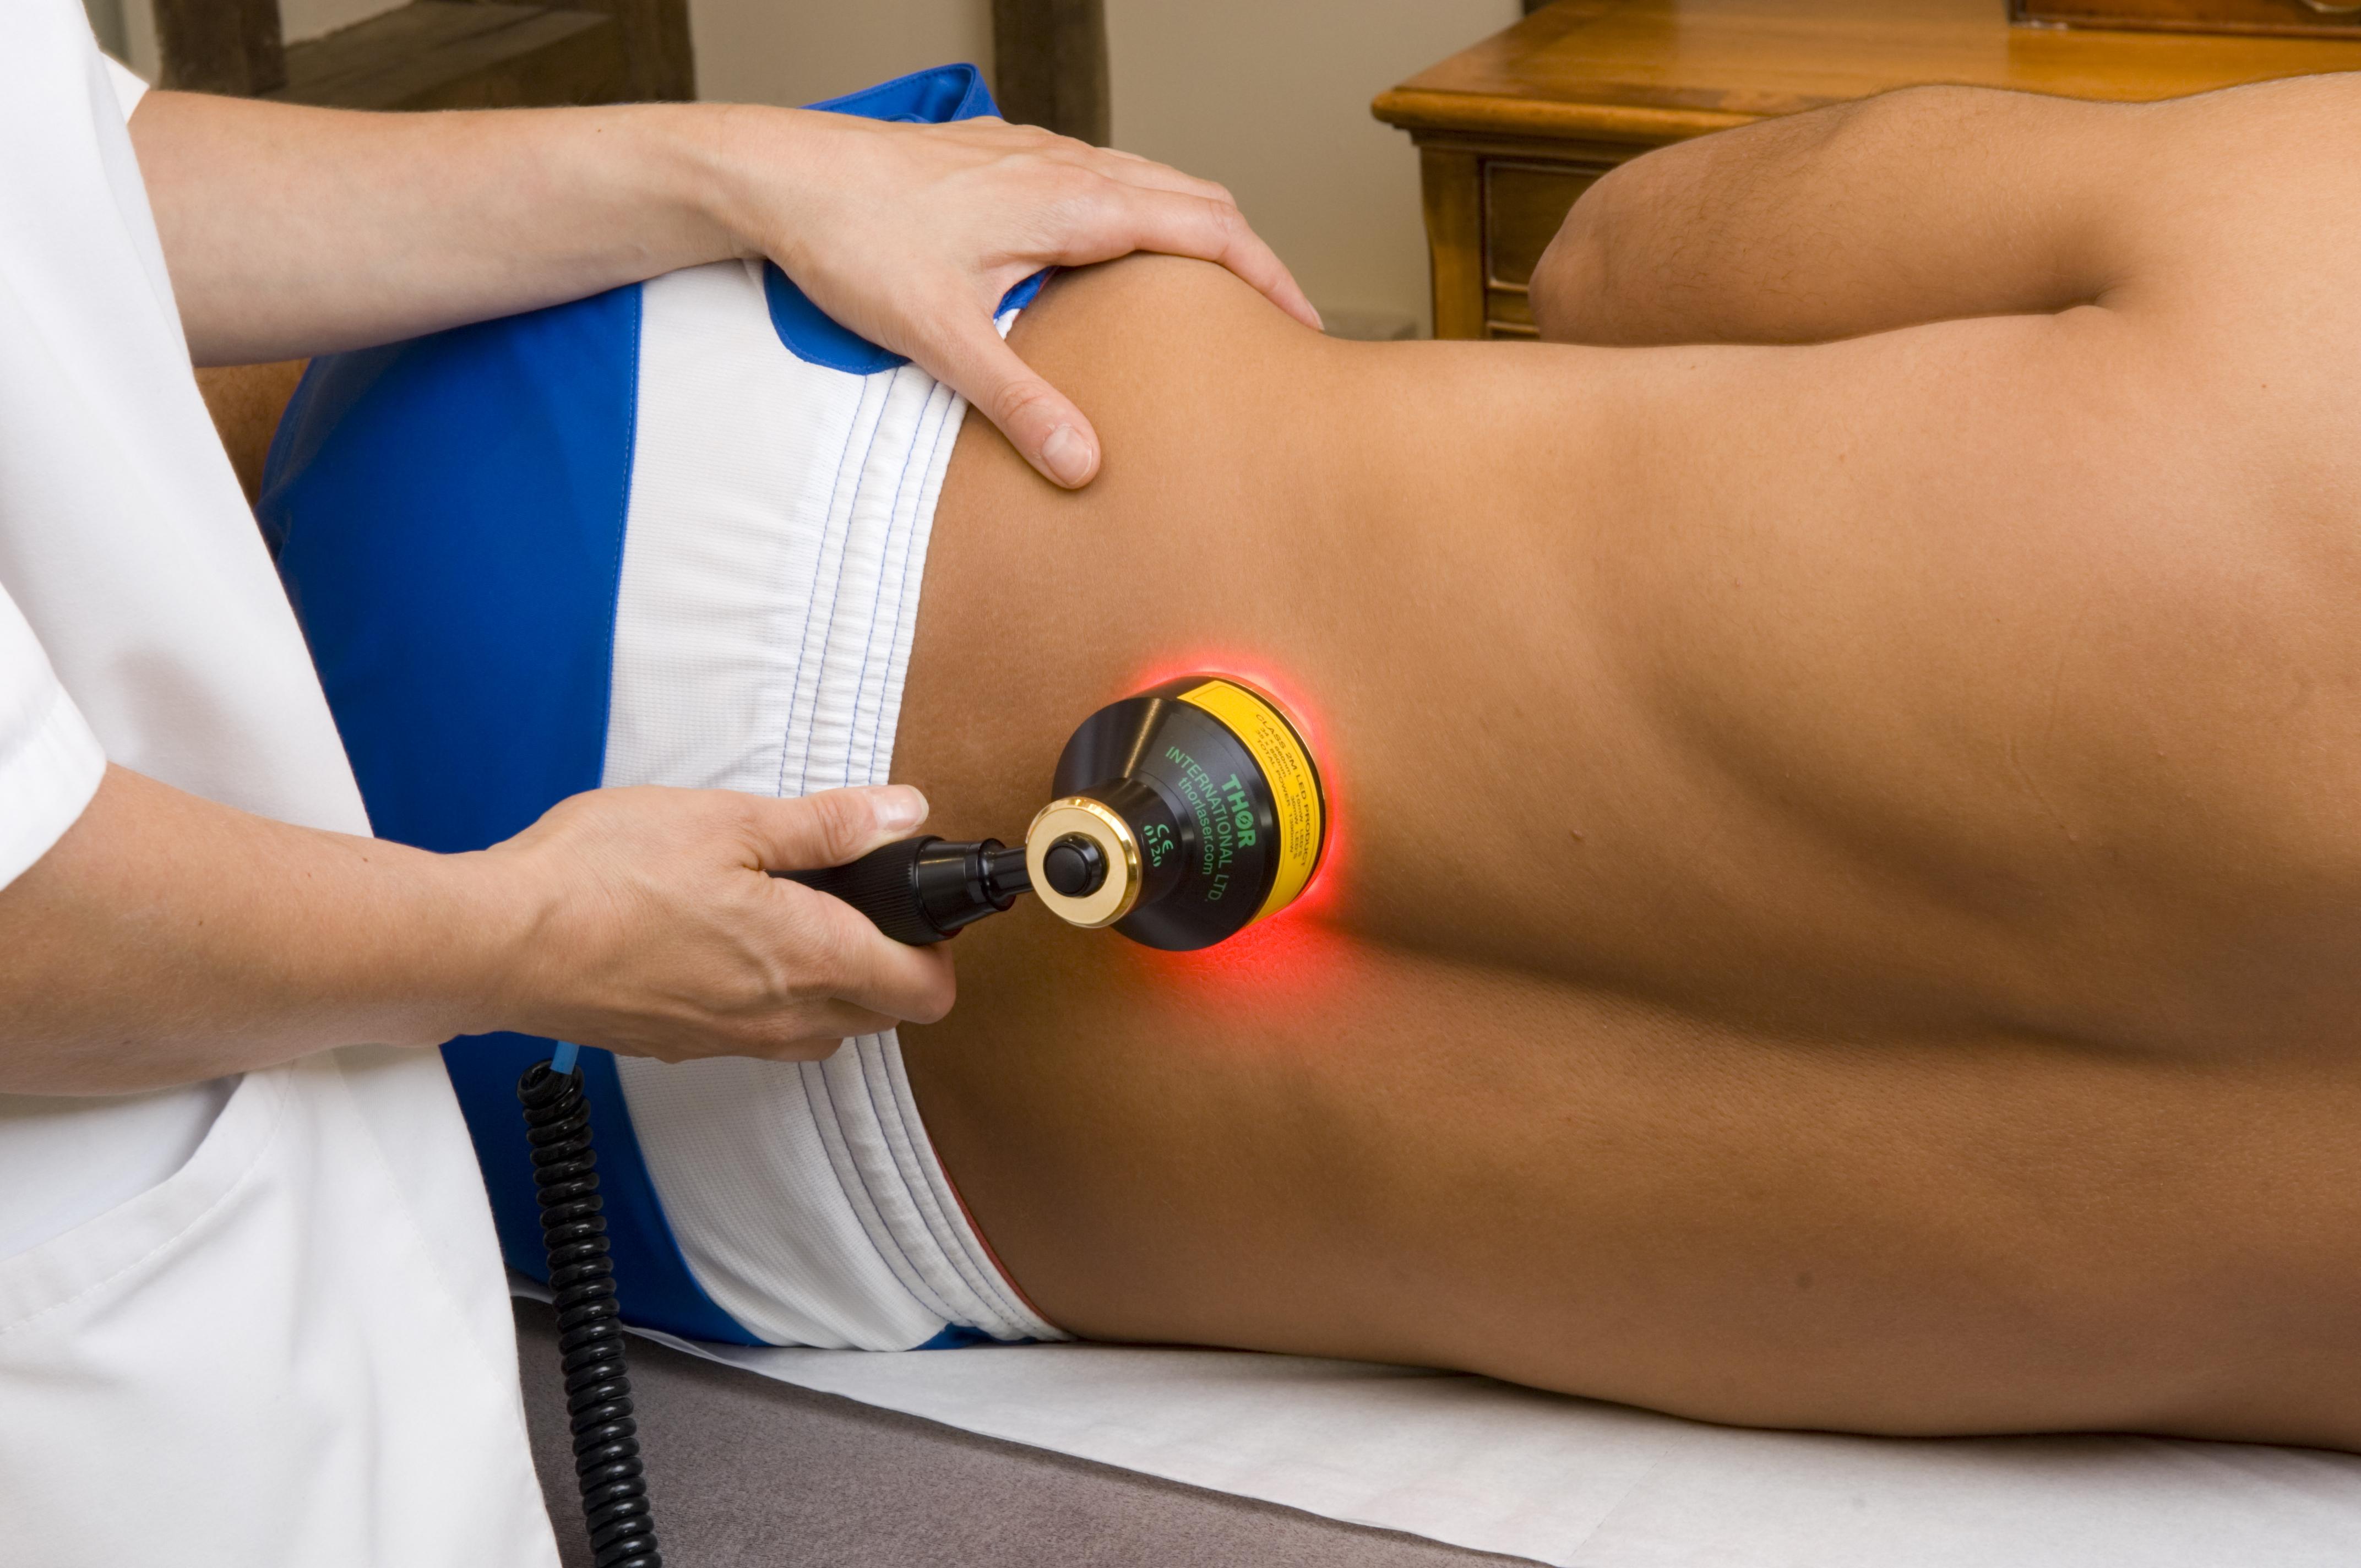 Лазеротерапия при остеохондрозе Лечение грыжи лазером лазерное лечение позвоночника